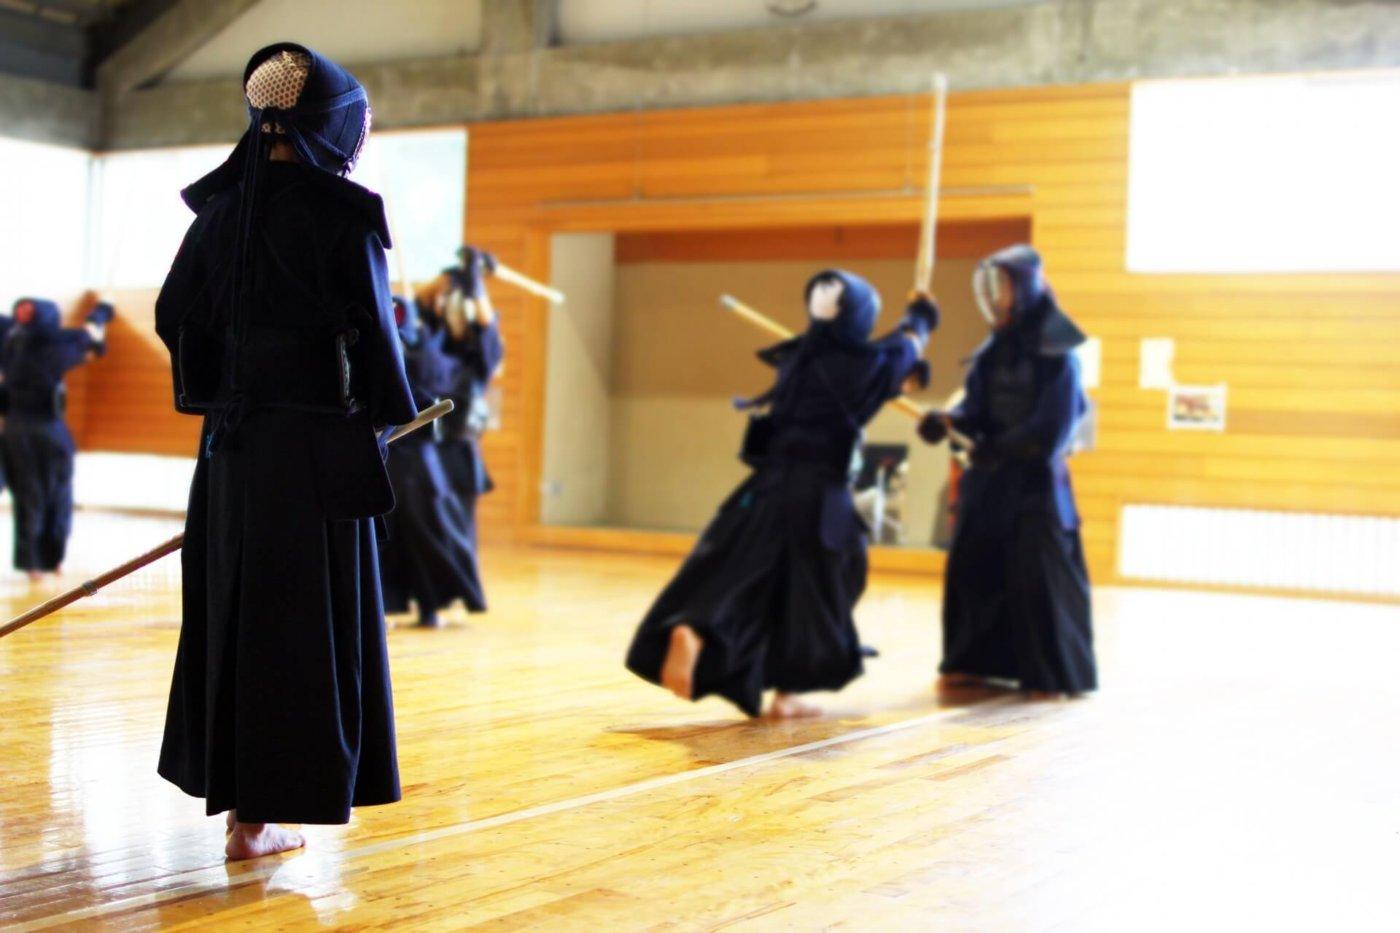 剣道の歴史を学び、世界一を決める世界選手権に注目しよう!